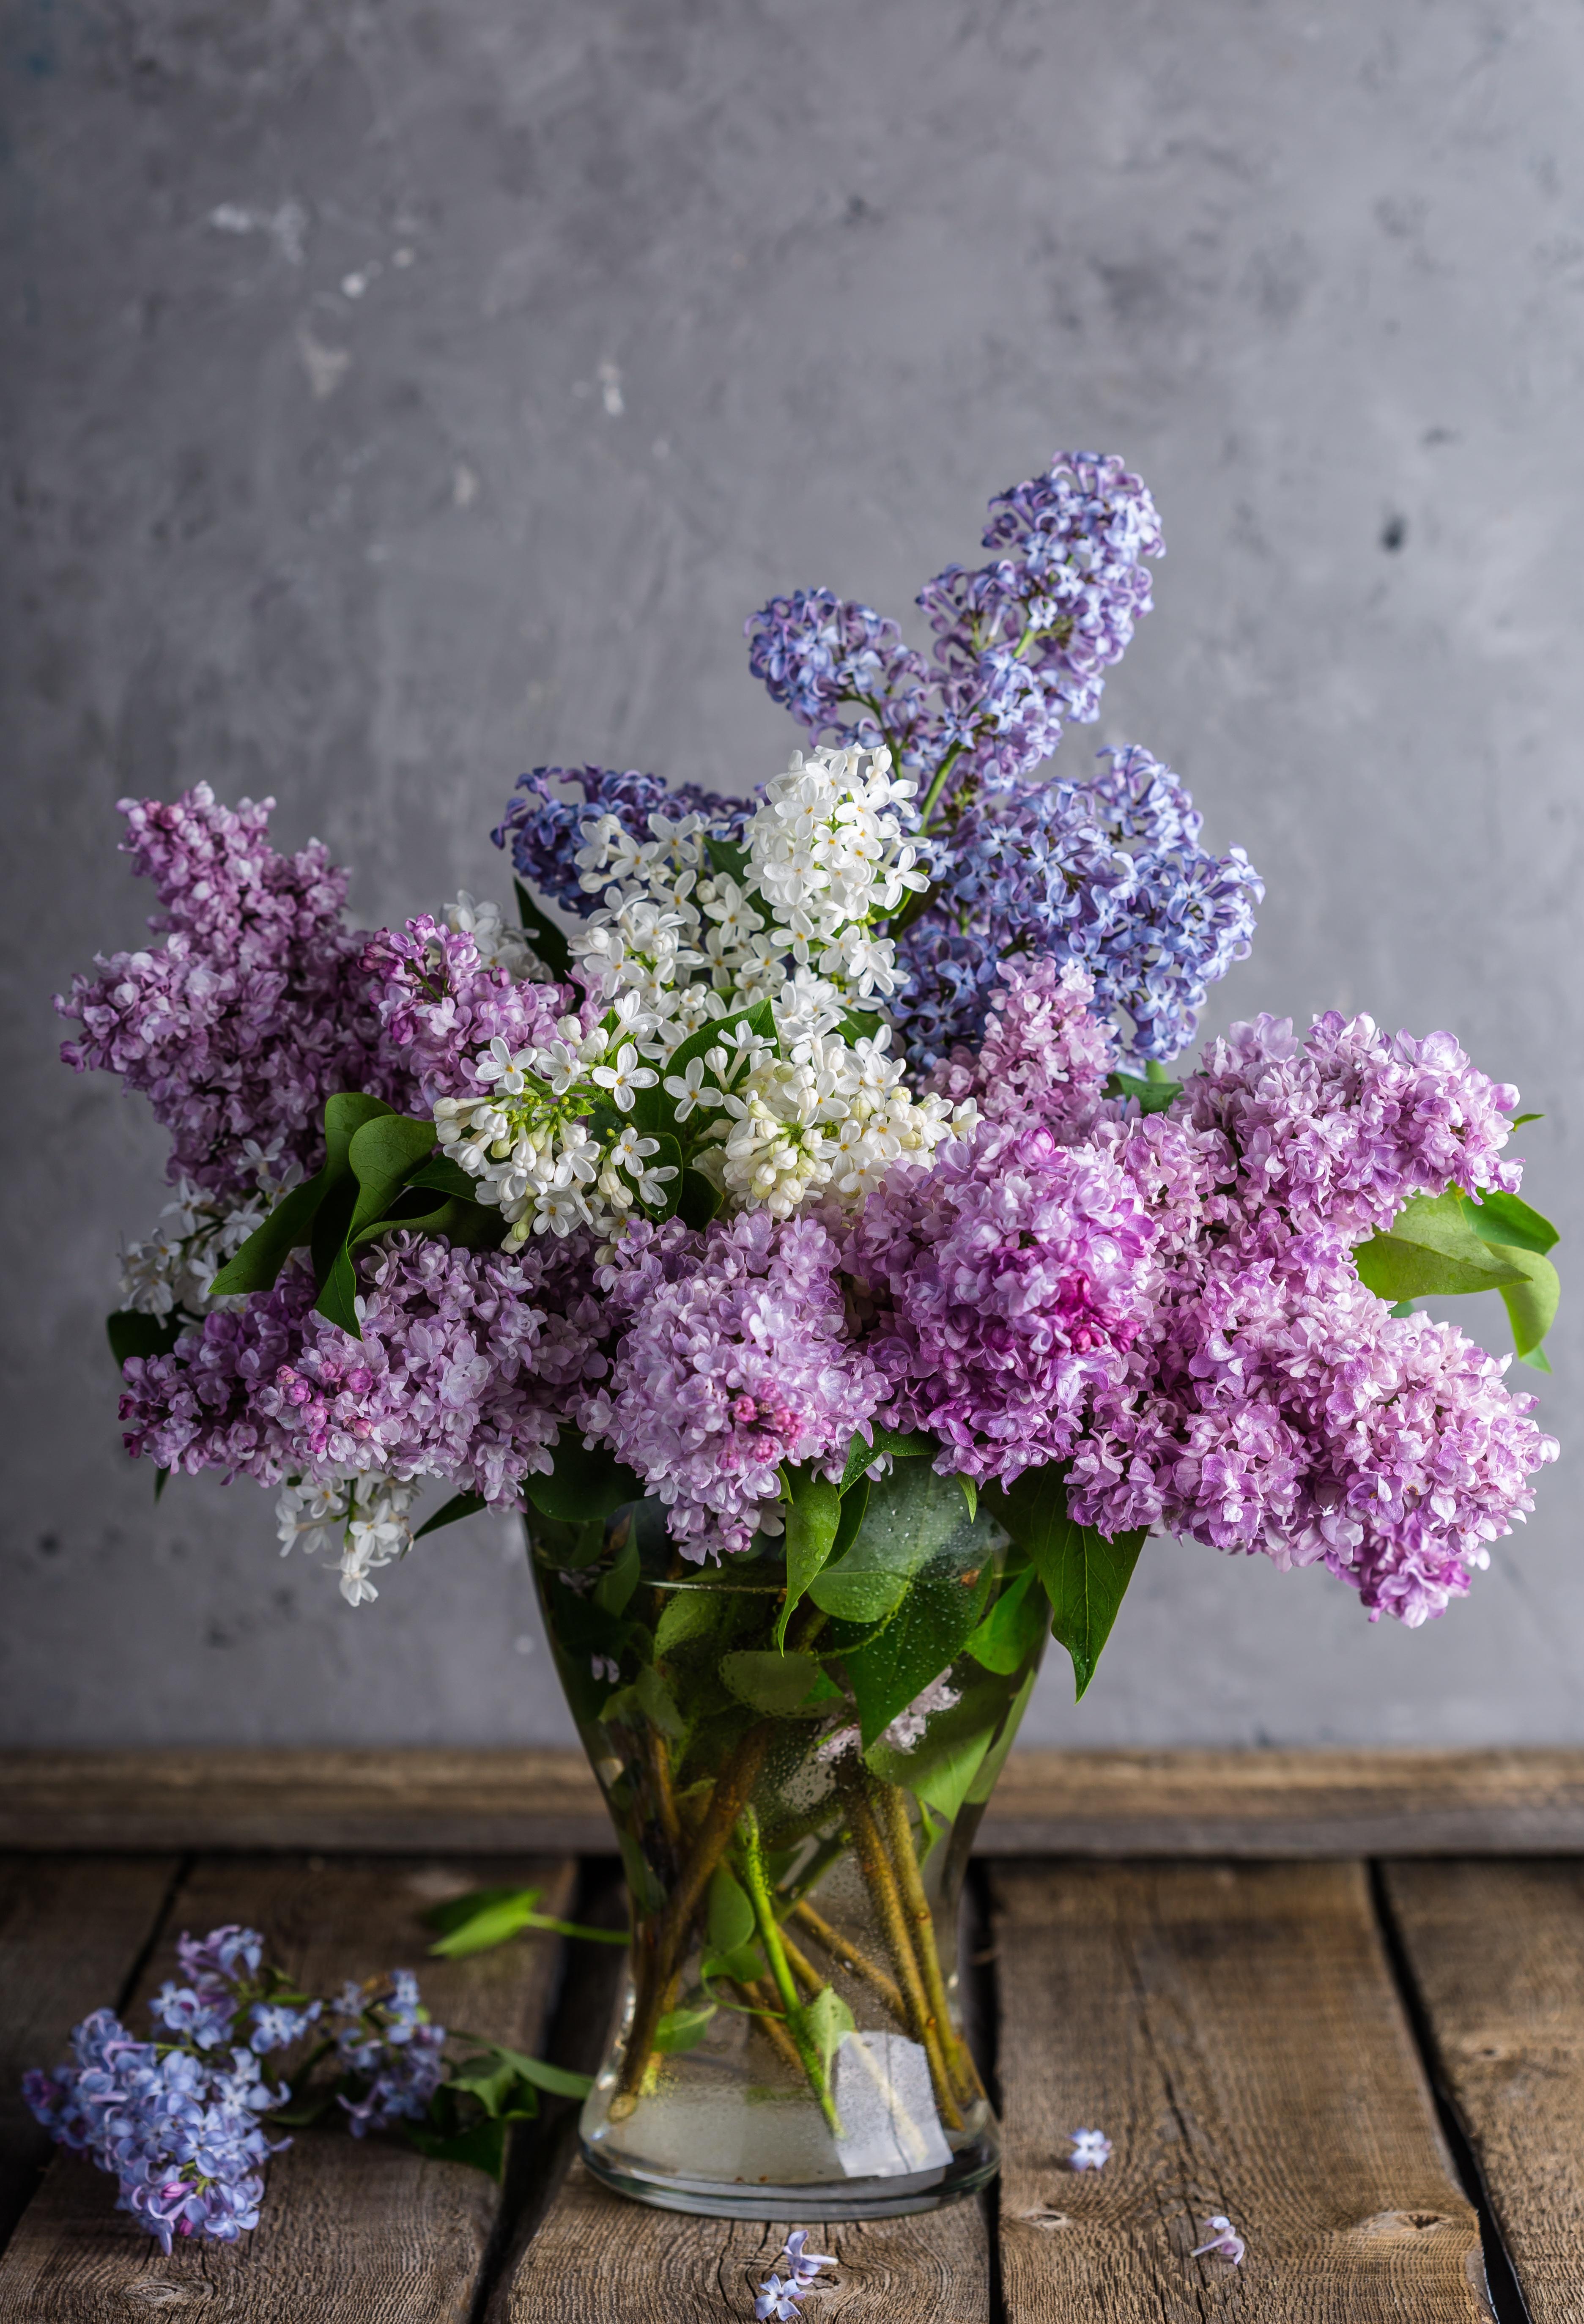 lilac-1914124.jpg